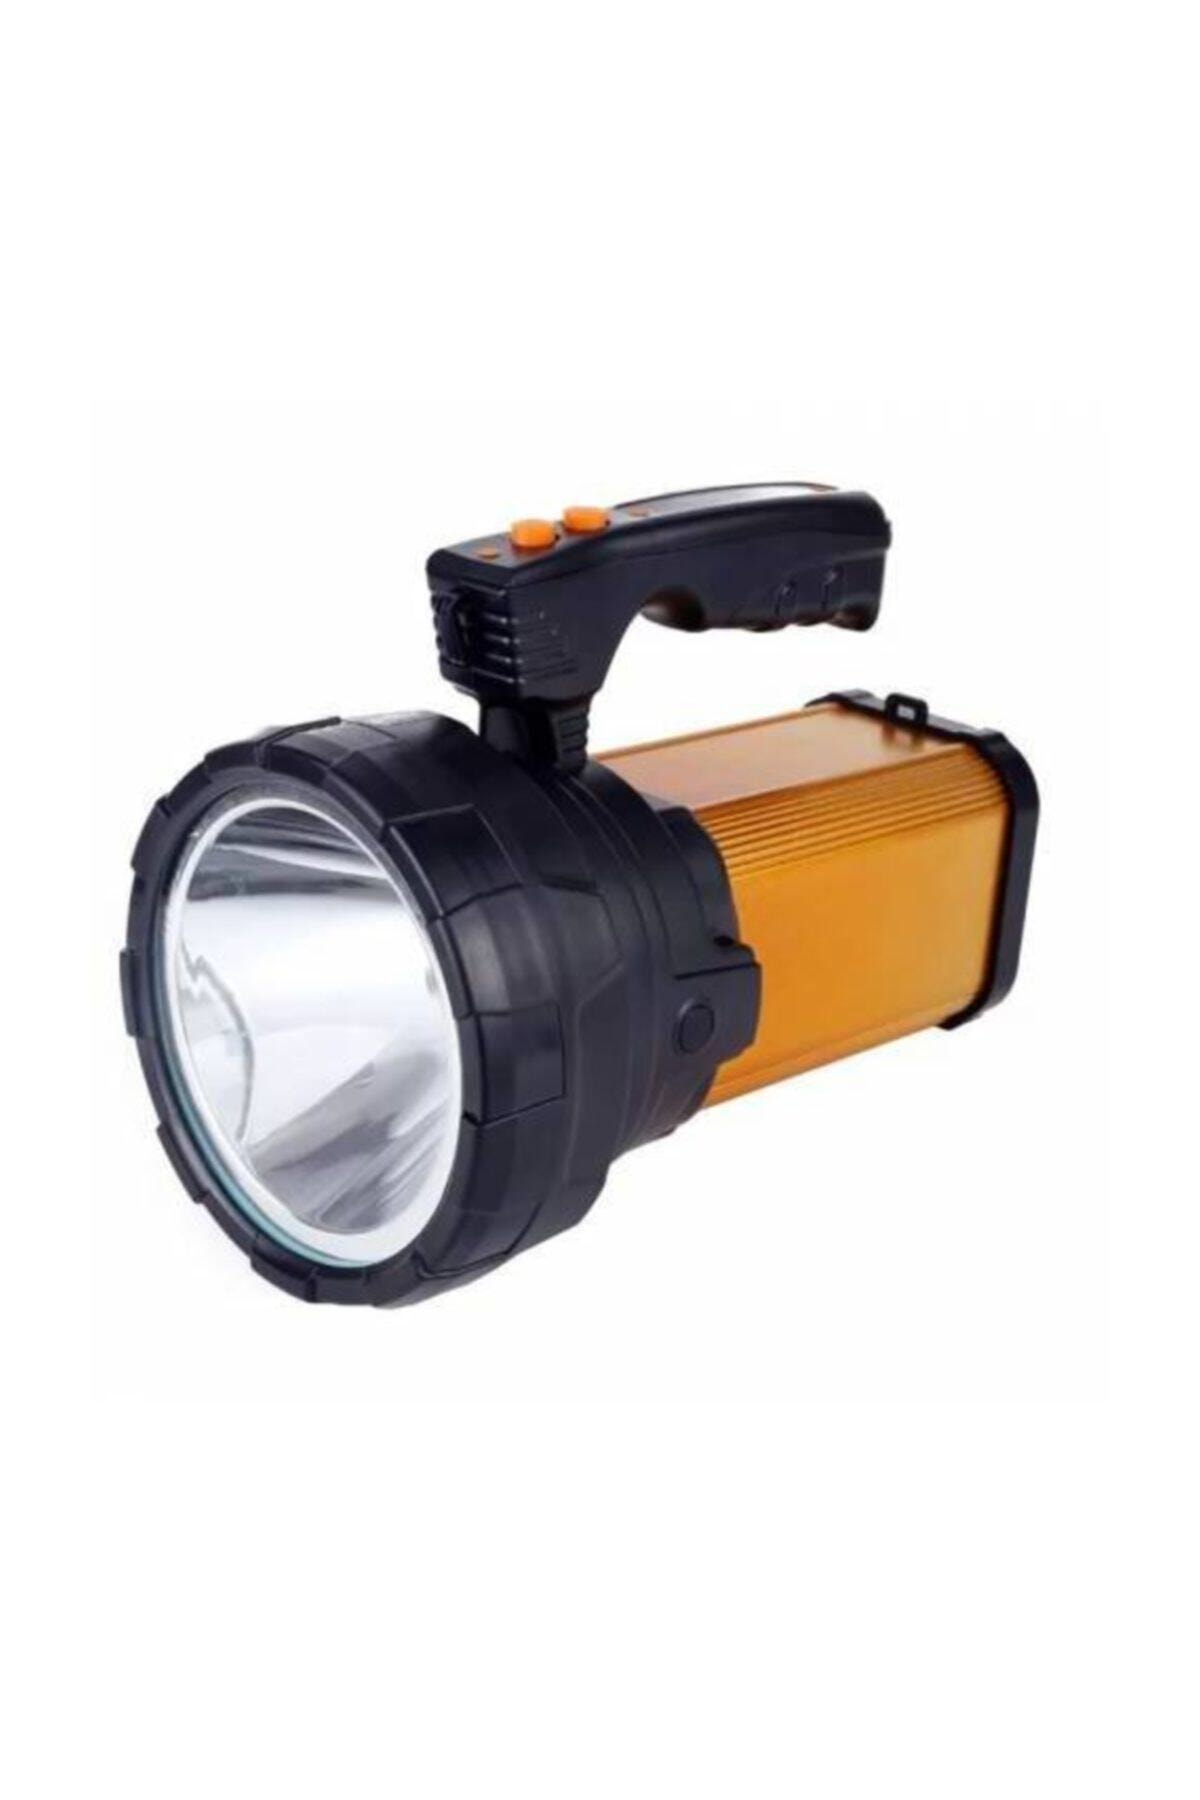 Toss St-8200l 25w Şarj Edilebilir Ledli El Feneri Usb Çıkışlı